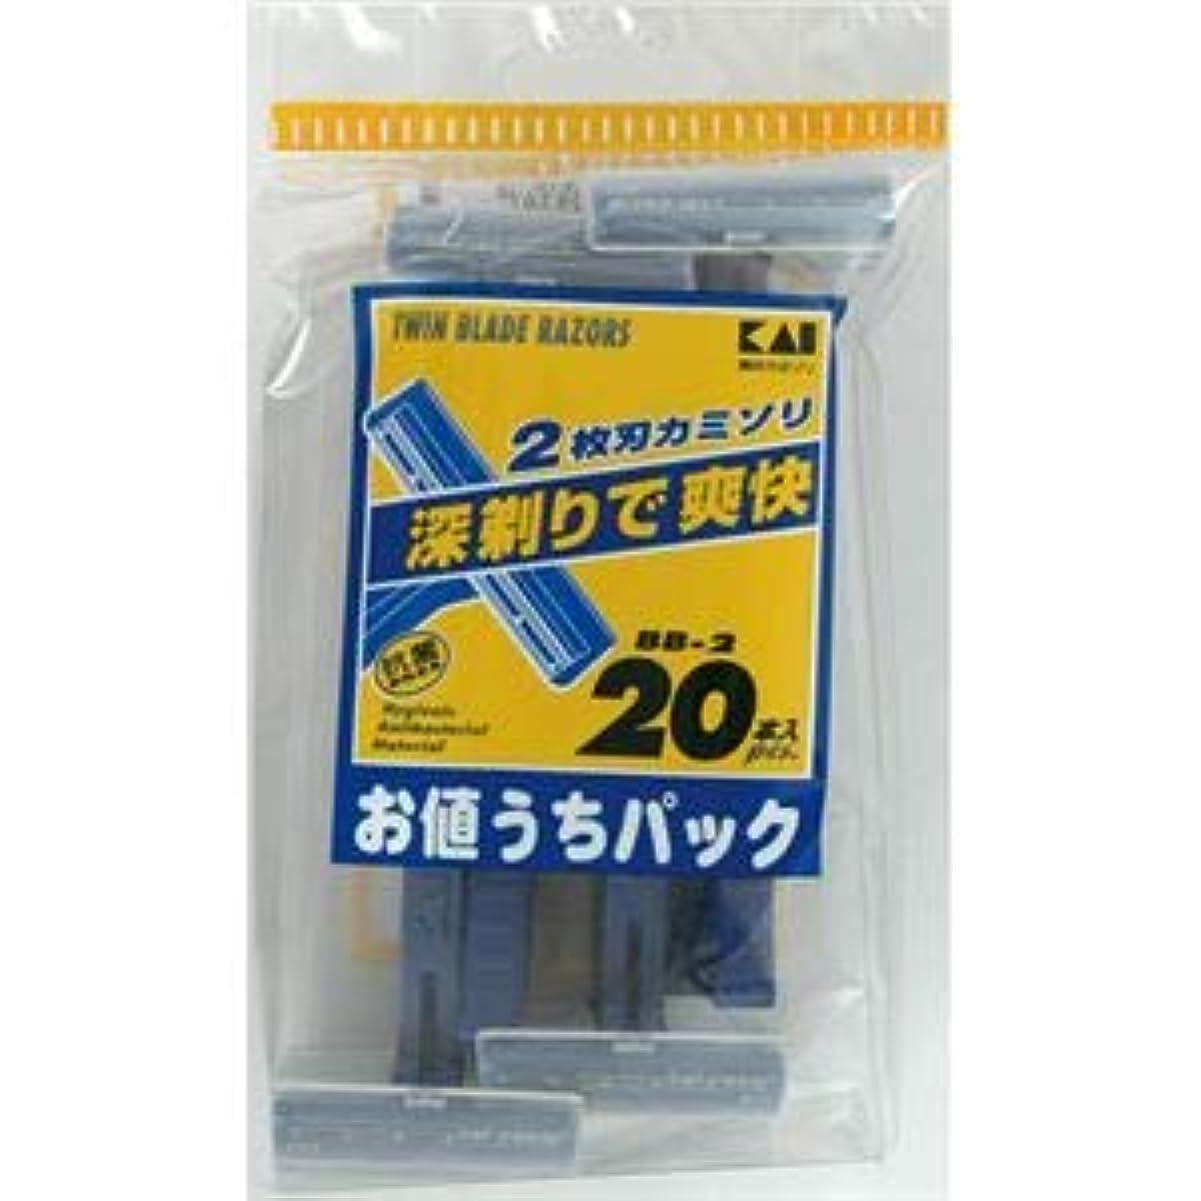 スパンバラバラにする霜(業務用20セット) 貝印 BB-2 2枚刃カミソリ 20本